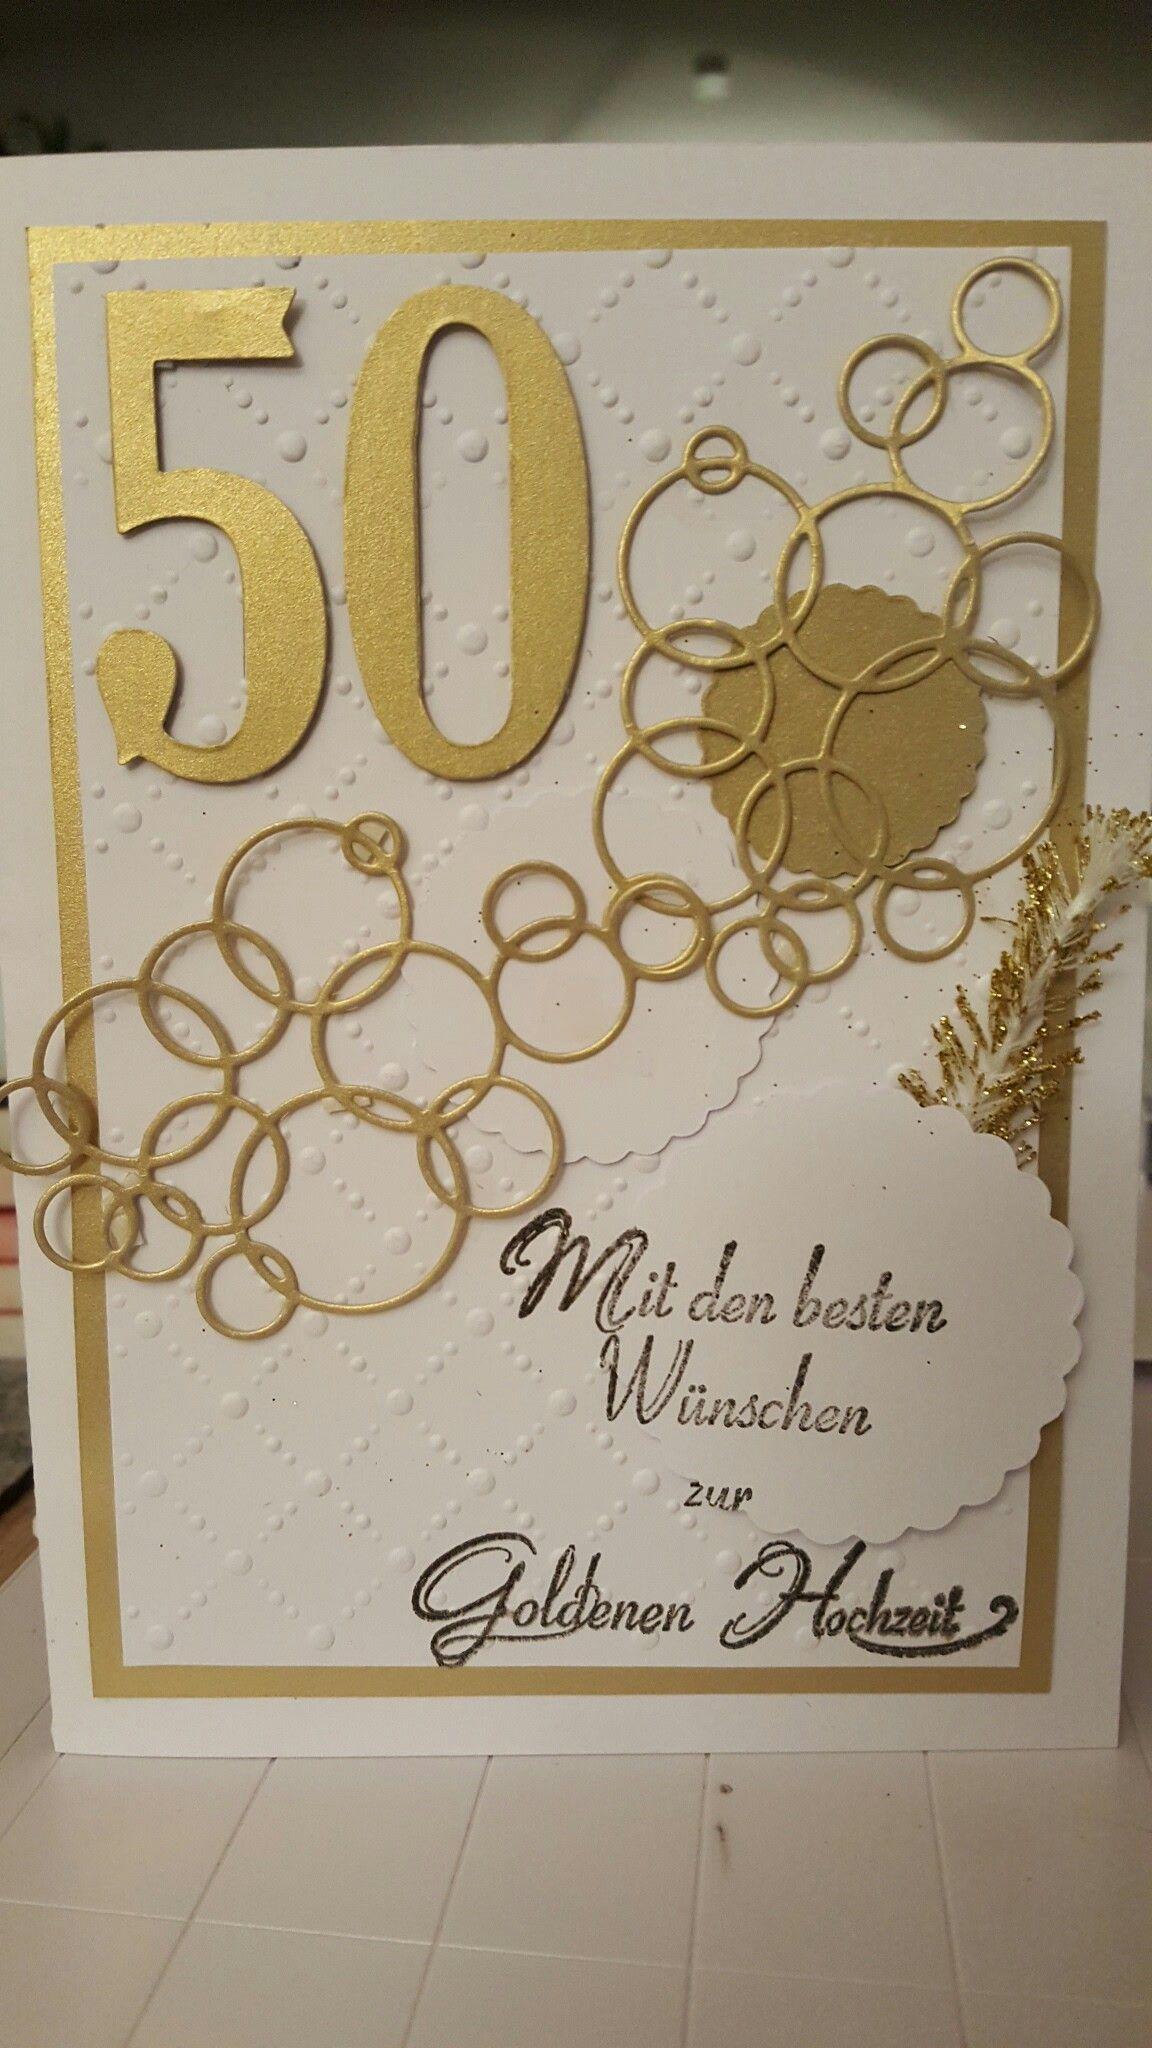 Karte zur Goldenen Hochzeit | Karten, Hochzeitstag